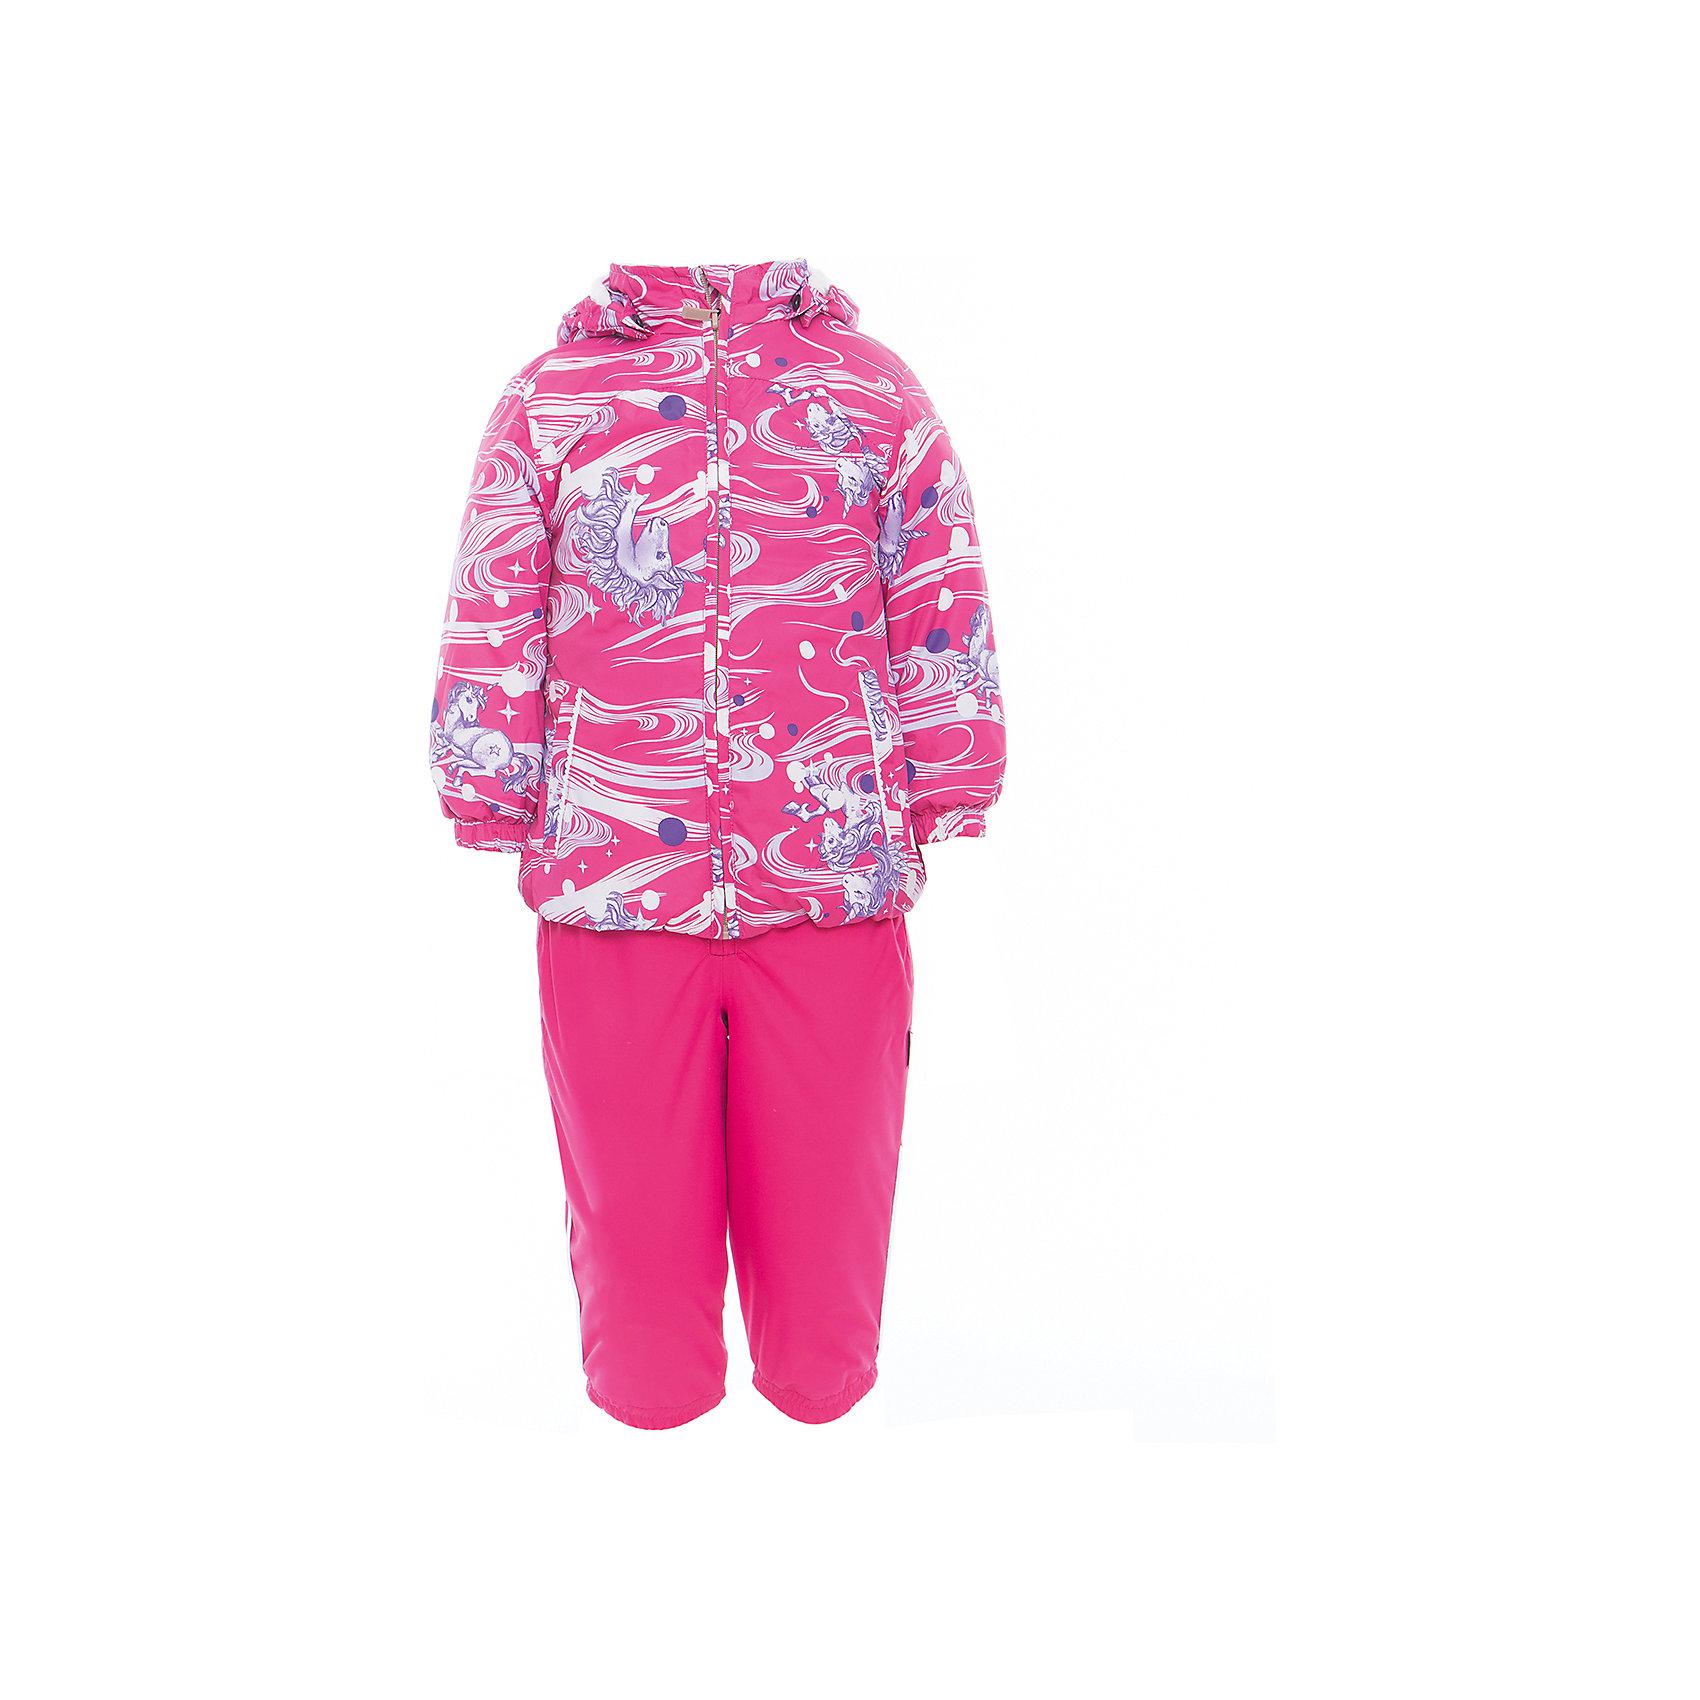 Комплект: куртка и полукомбинезон для девочки CLARA HuppaВерхняя одежда<br>Характеристики товара:<br><br>• цвет: фуксия принт/фуксия<br>• комплектация: куртка и полукомбинезон <br>• ткань: 100% полиэстер<br>• подкладка: Coral-fleece смесь хлопка и полиэстера, в рукавах - тафта 100% полиэстер<br>• утеплитель: 100% полиэстер; куртка 100 г, полукомбинезон 40 г<br>• температурный режим: от -5°С до +10°С<br>• водонепроницаемость: верх - 5000 мм, низ - 10000 мм<br>• воздухопроницаемость: верх - 5000 мм, низ - 10000 мм<br>• светоотражающие детали<br>• шов сидения проклеен<br>• съёмный капюшон с резинкой<br>• эластичные манжеты на рукавах<br>• манжеты брюк с резинкой<br>• съёмные эластичные штрипки<br>• без внутренних швов<br>• резиновые подтяжки<br>• коллекция: весна-лето 2017<br>• страна бренда: Эстония<br><br>Такой модный демисезонный комплект  обеспечит детям тепло и комфорт. Он сделан из материала, отталкивающего воду, и дополнен подкладкой с утеплителем, поэтому изделие идеально подходит для межсезонья. Материал изделий - с мембранной технологией: защищая от влаги и ветра, он легко выводит лишнюю влагу наружу. Комплект очень симпатично смотрится. <br><br>Одежда и обувь от популярного эстонского бренда Huppa - отличный вариант одеть ребенка можно и комфортно. Вещи, выпускаемые компанией, качественные, продуманные и очень удобные. Для производства изделий используются только безопасные для детей материалы. Продукция от Huppa порадует и детей, и их родителей!<br><br>Комплект: куртка и полукомбинезон CLARA от бренда Huppa (Хуппа) можно купить в нашем интернет-магазине.<br><br>Ширина мм: 356<br>Глубина мм: 10<br>Высота мм: 245<br>Вес г: 519<br>Цвет: фиолетовый<br>Возраст от месяцев: 48<br>Возраст до месяцев: 60<br>Пол: Женский<br>Возраст: Детский<br>Размер: 110,80,86,92,98,104<br>SKU: 5346580